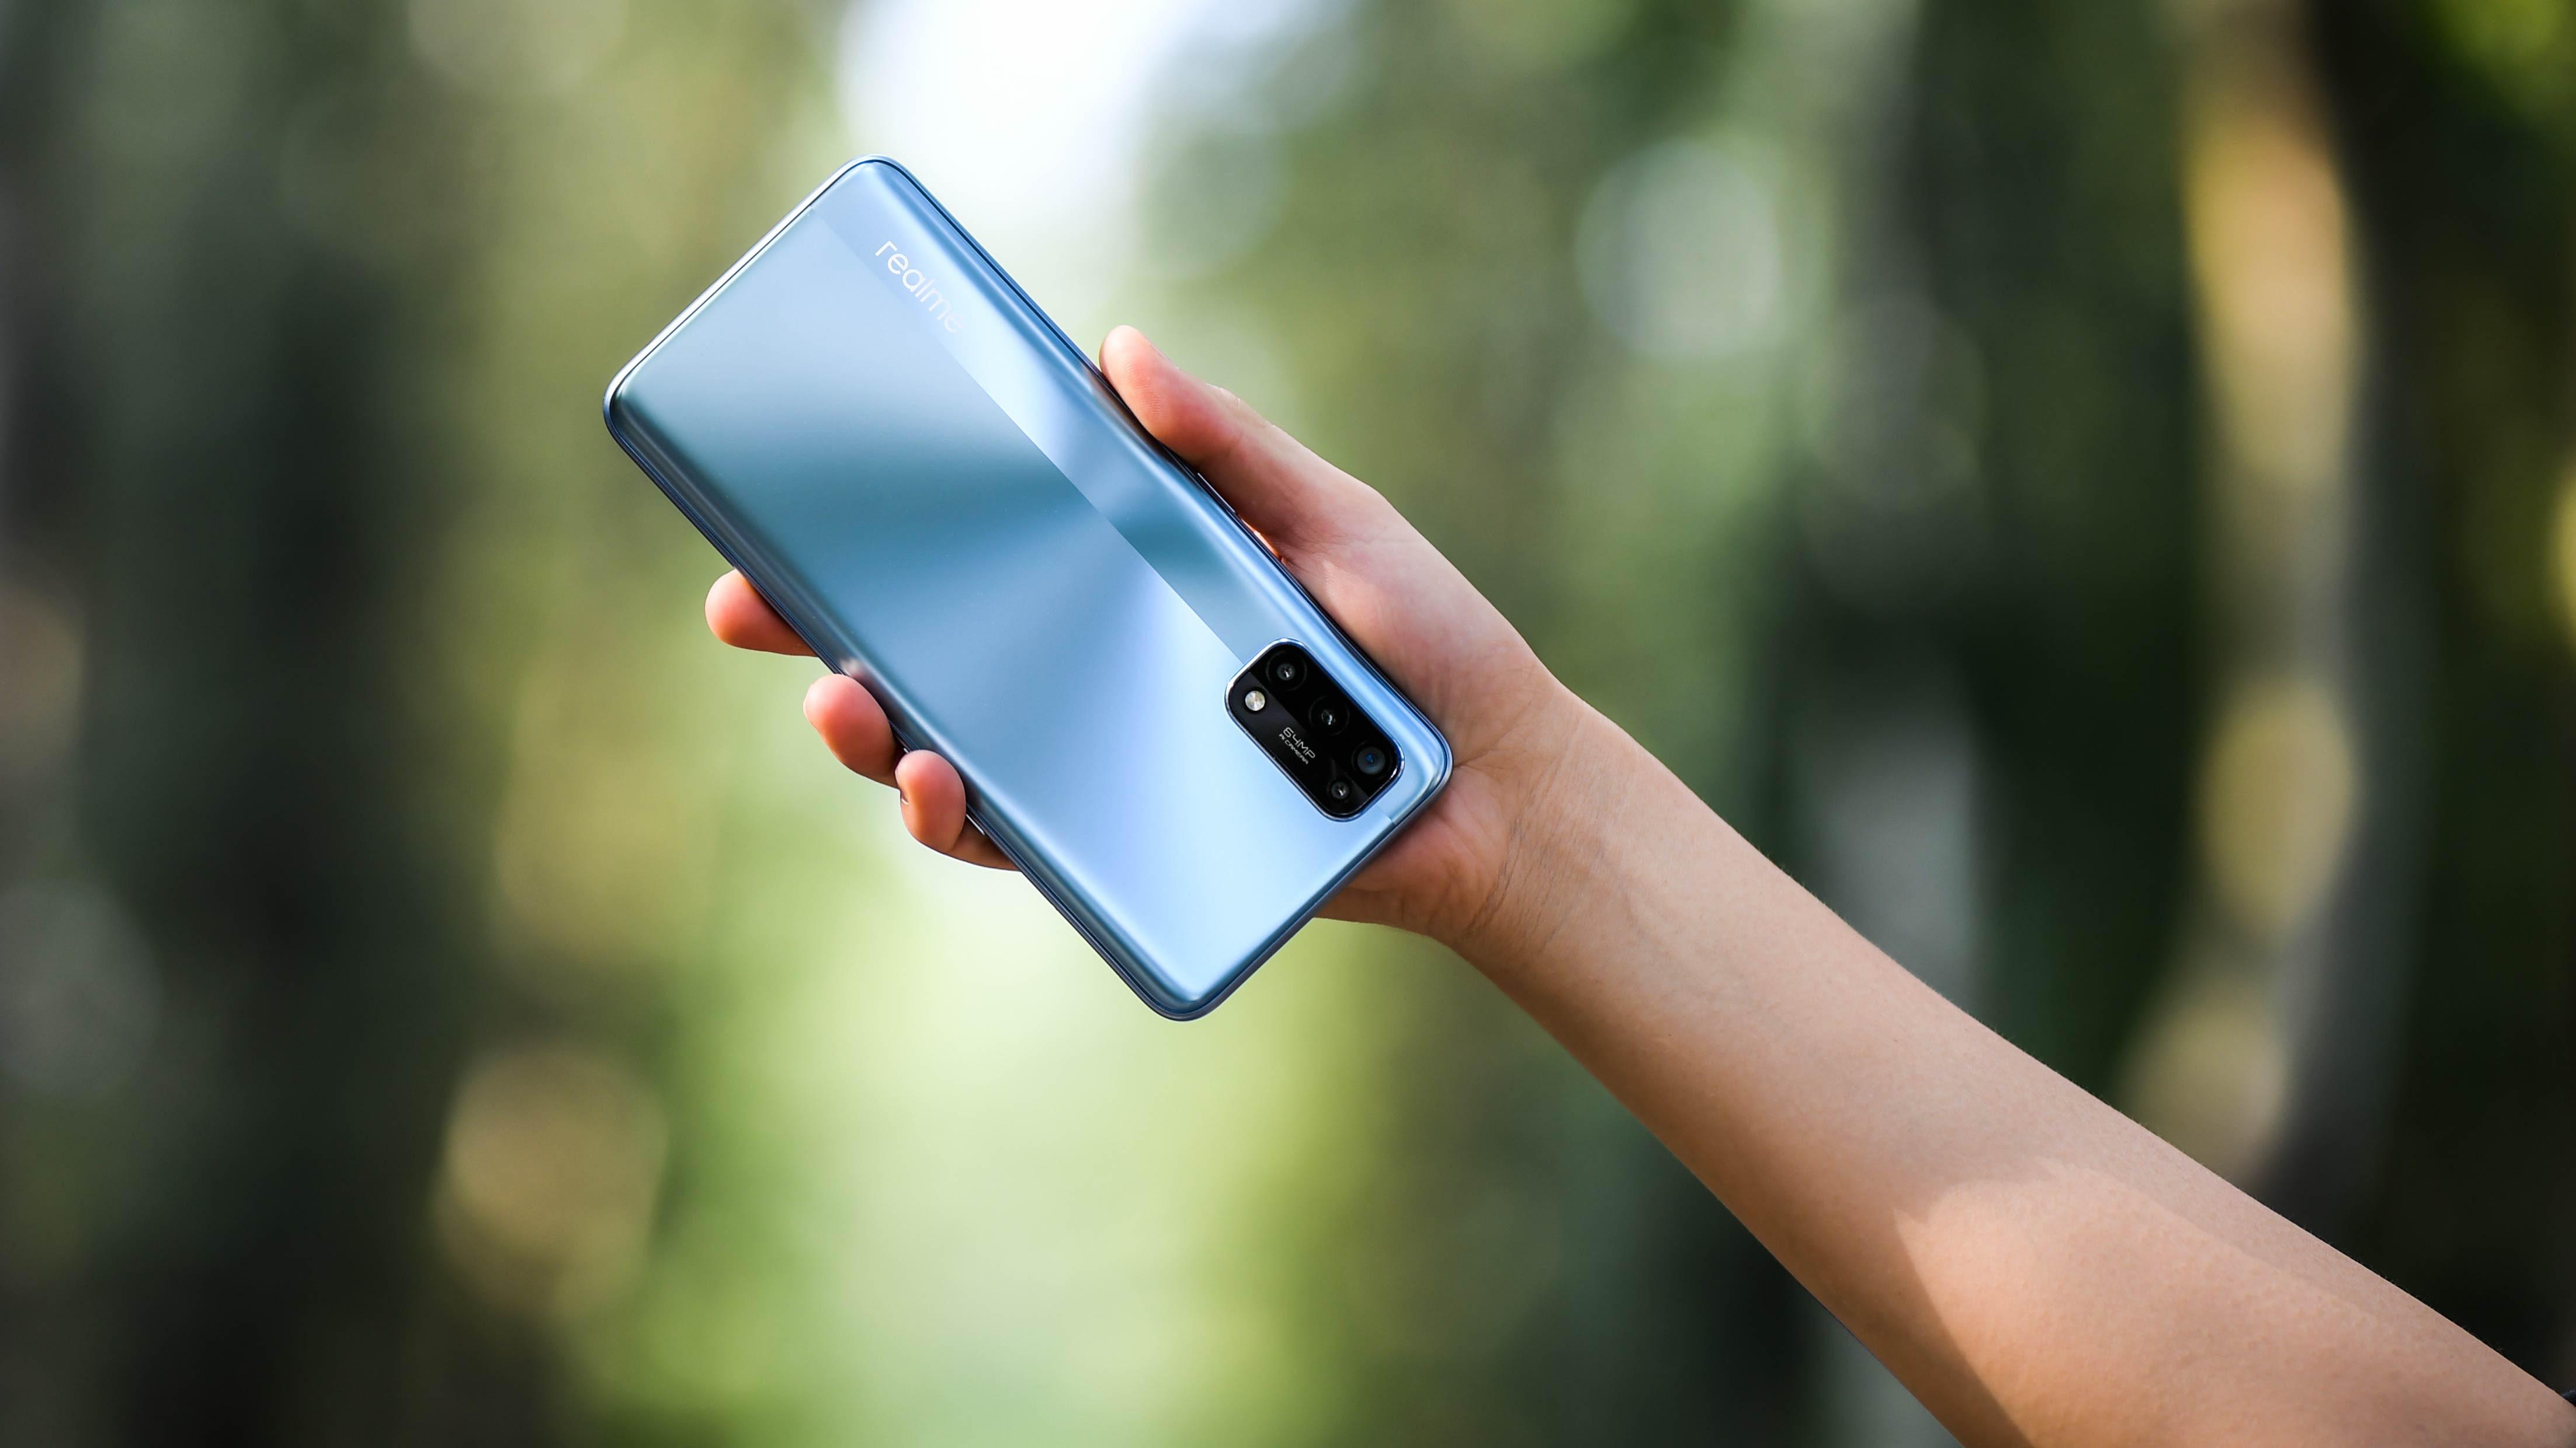 Realme, Coolpad, Honor y Vivo, las cuatro marcas chinas que buscan ganar relevancia en el mercado de smartphones